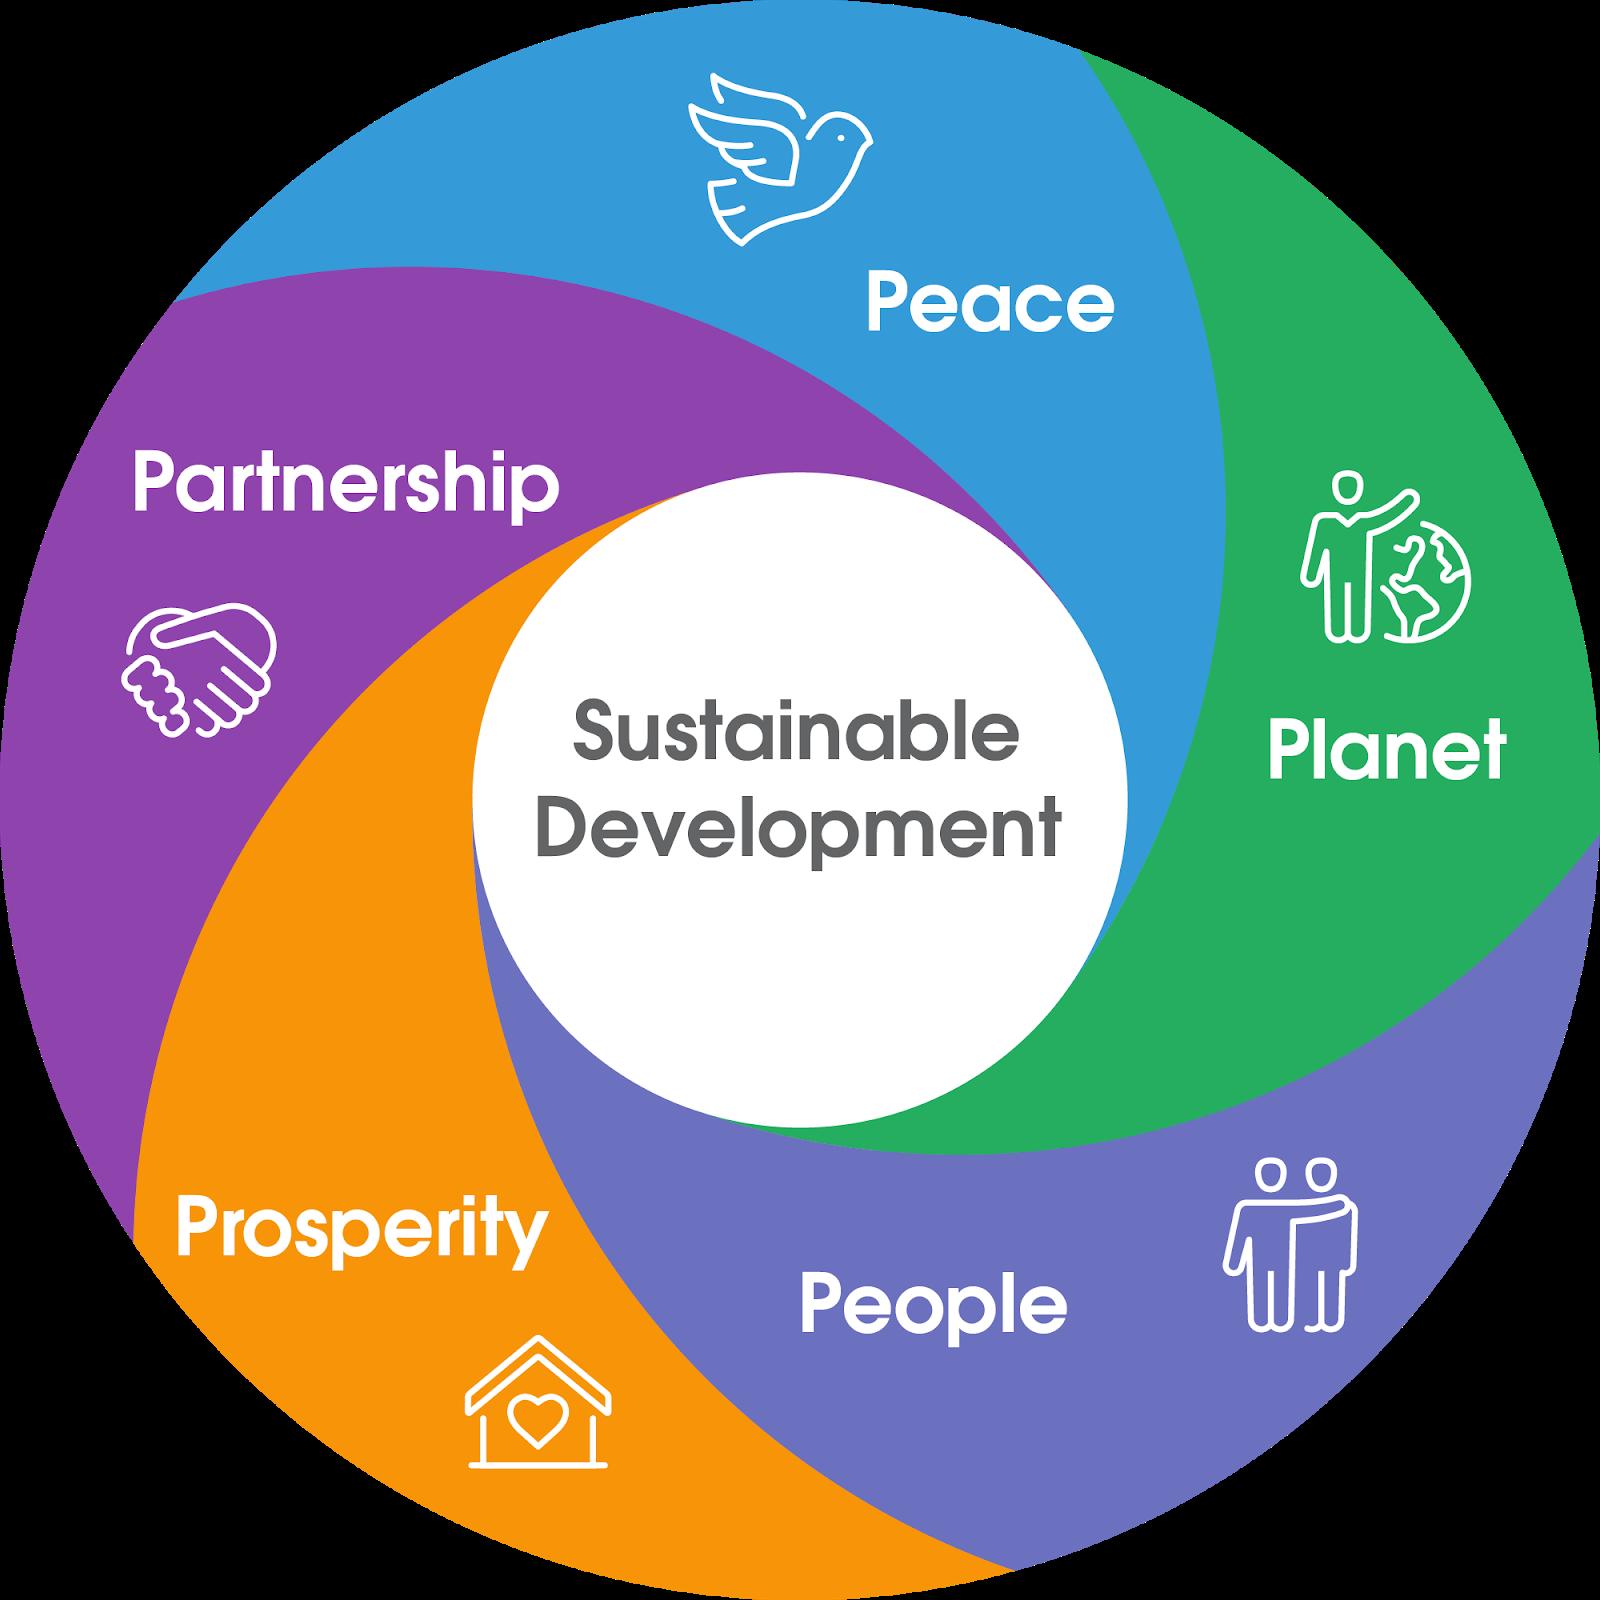 Os 5 P's ou dimensões do desenvolvimento sustentável e de que forma se encaixam